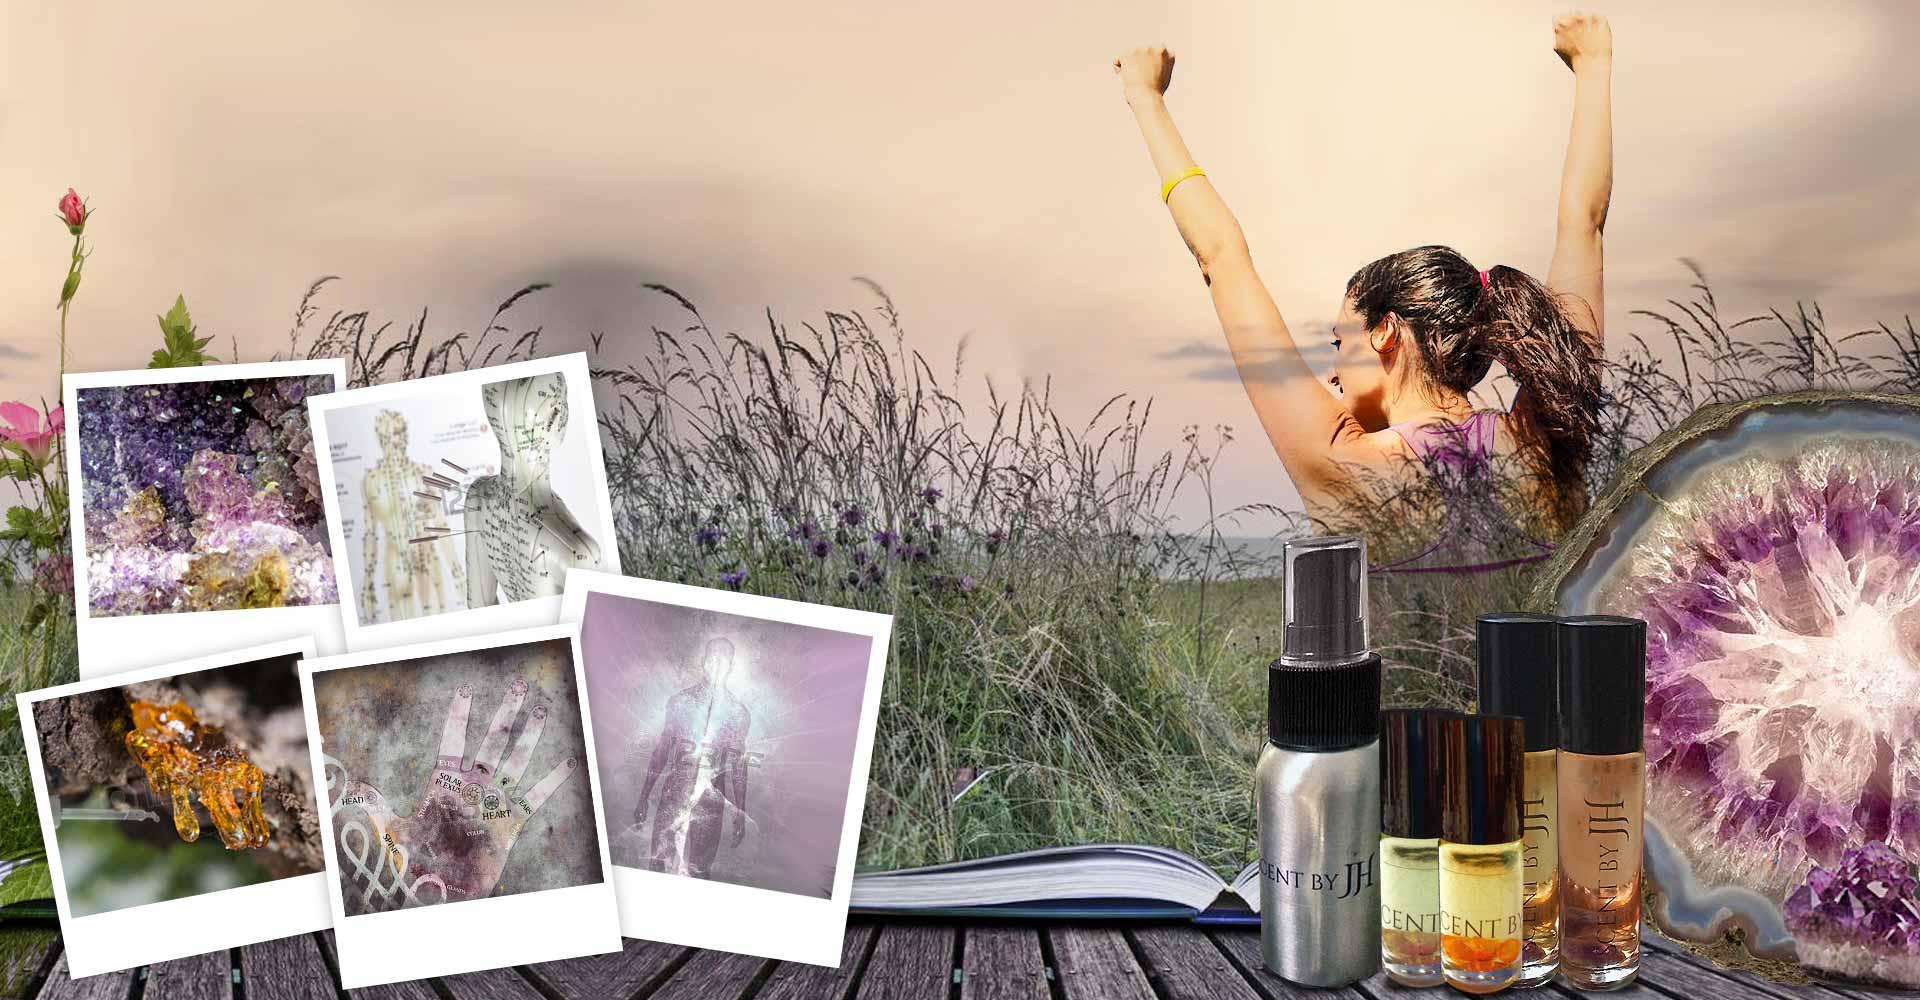 Krystaller og Æteriske Olier healing og energi